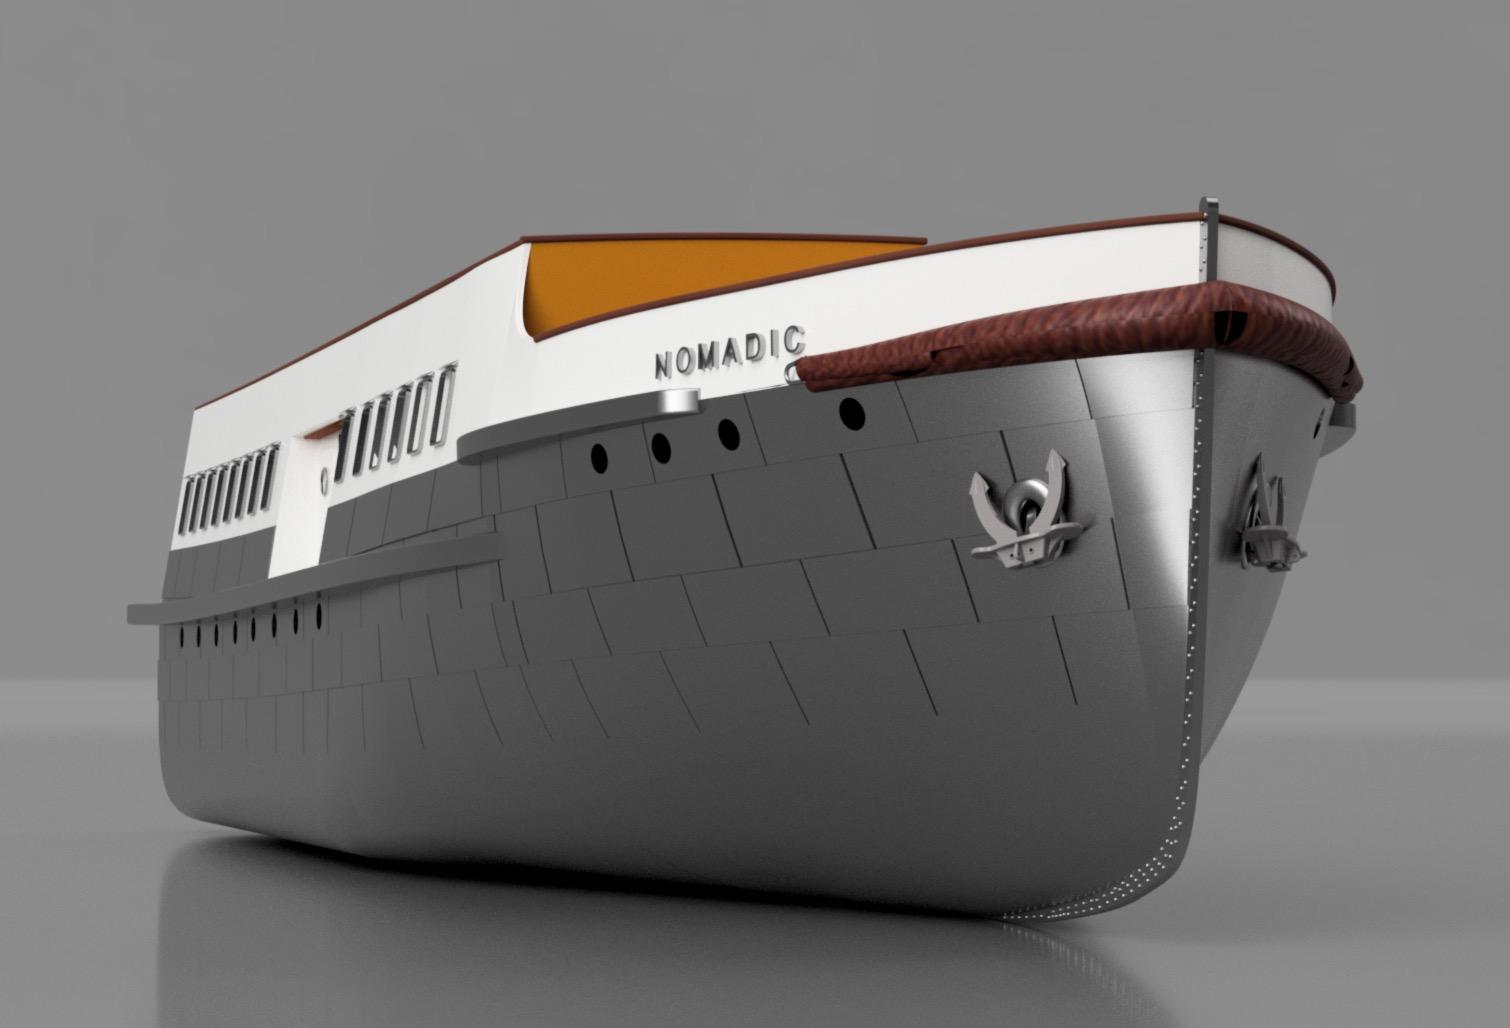 SS Nomadic - Le petit frère du Titanic - 1/200 - 3D [Conception] Screen38